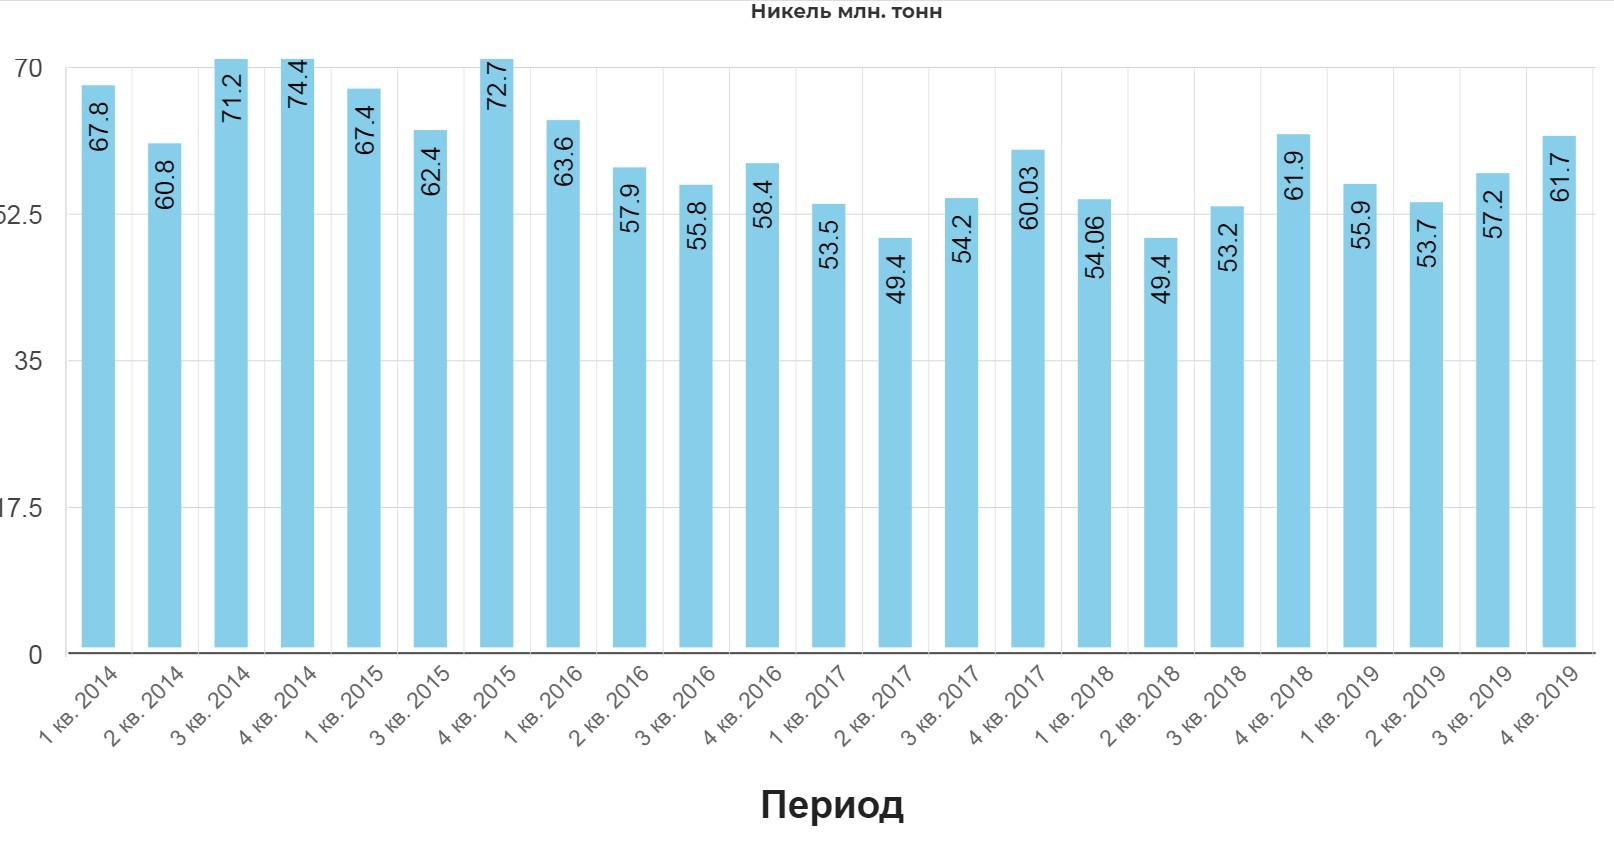 Норильский никель . Обзор операционных показателей за 4-ый квартал 2019 года. Прогноз дивидендов за 2020г, общие мультипликаторы сектора.